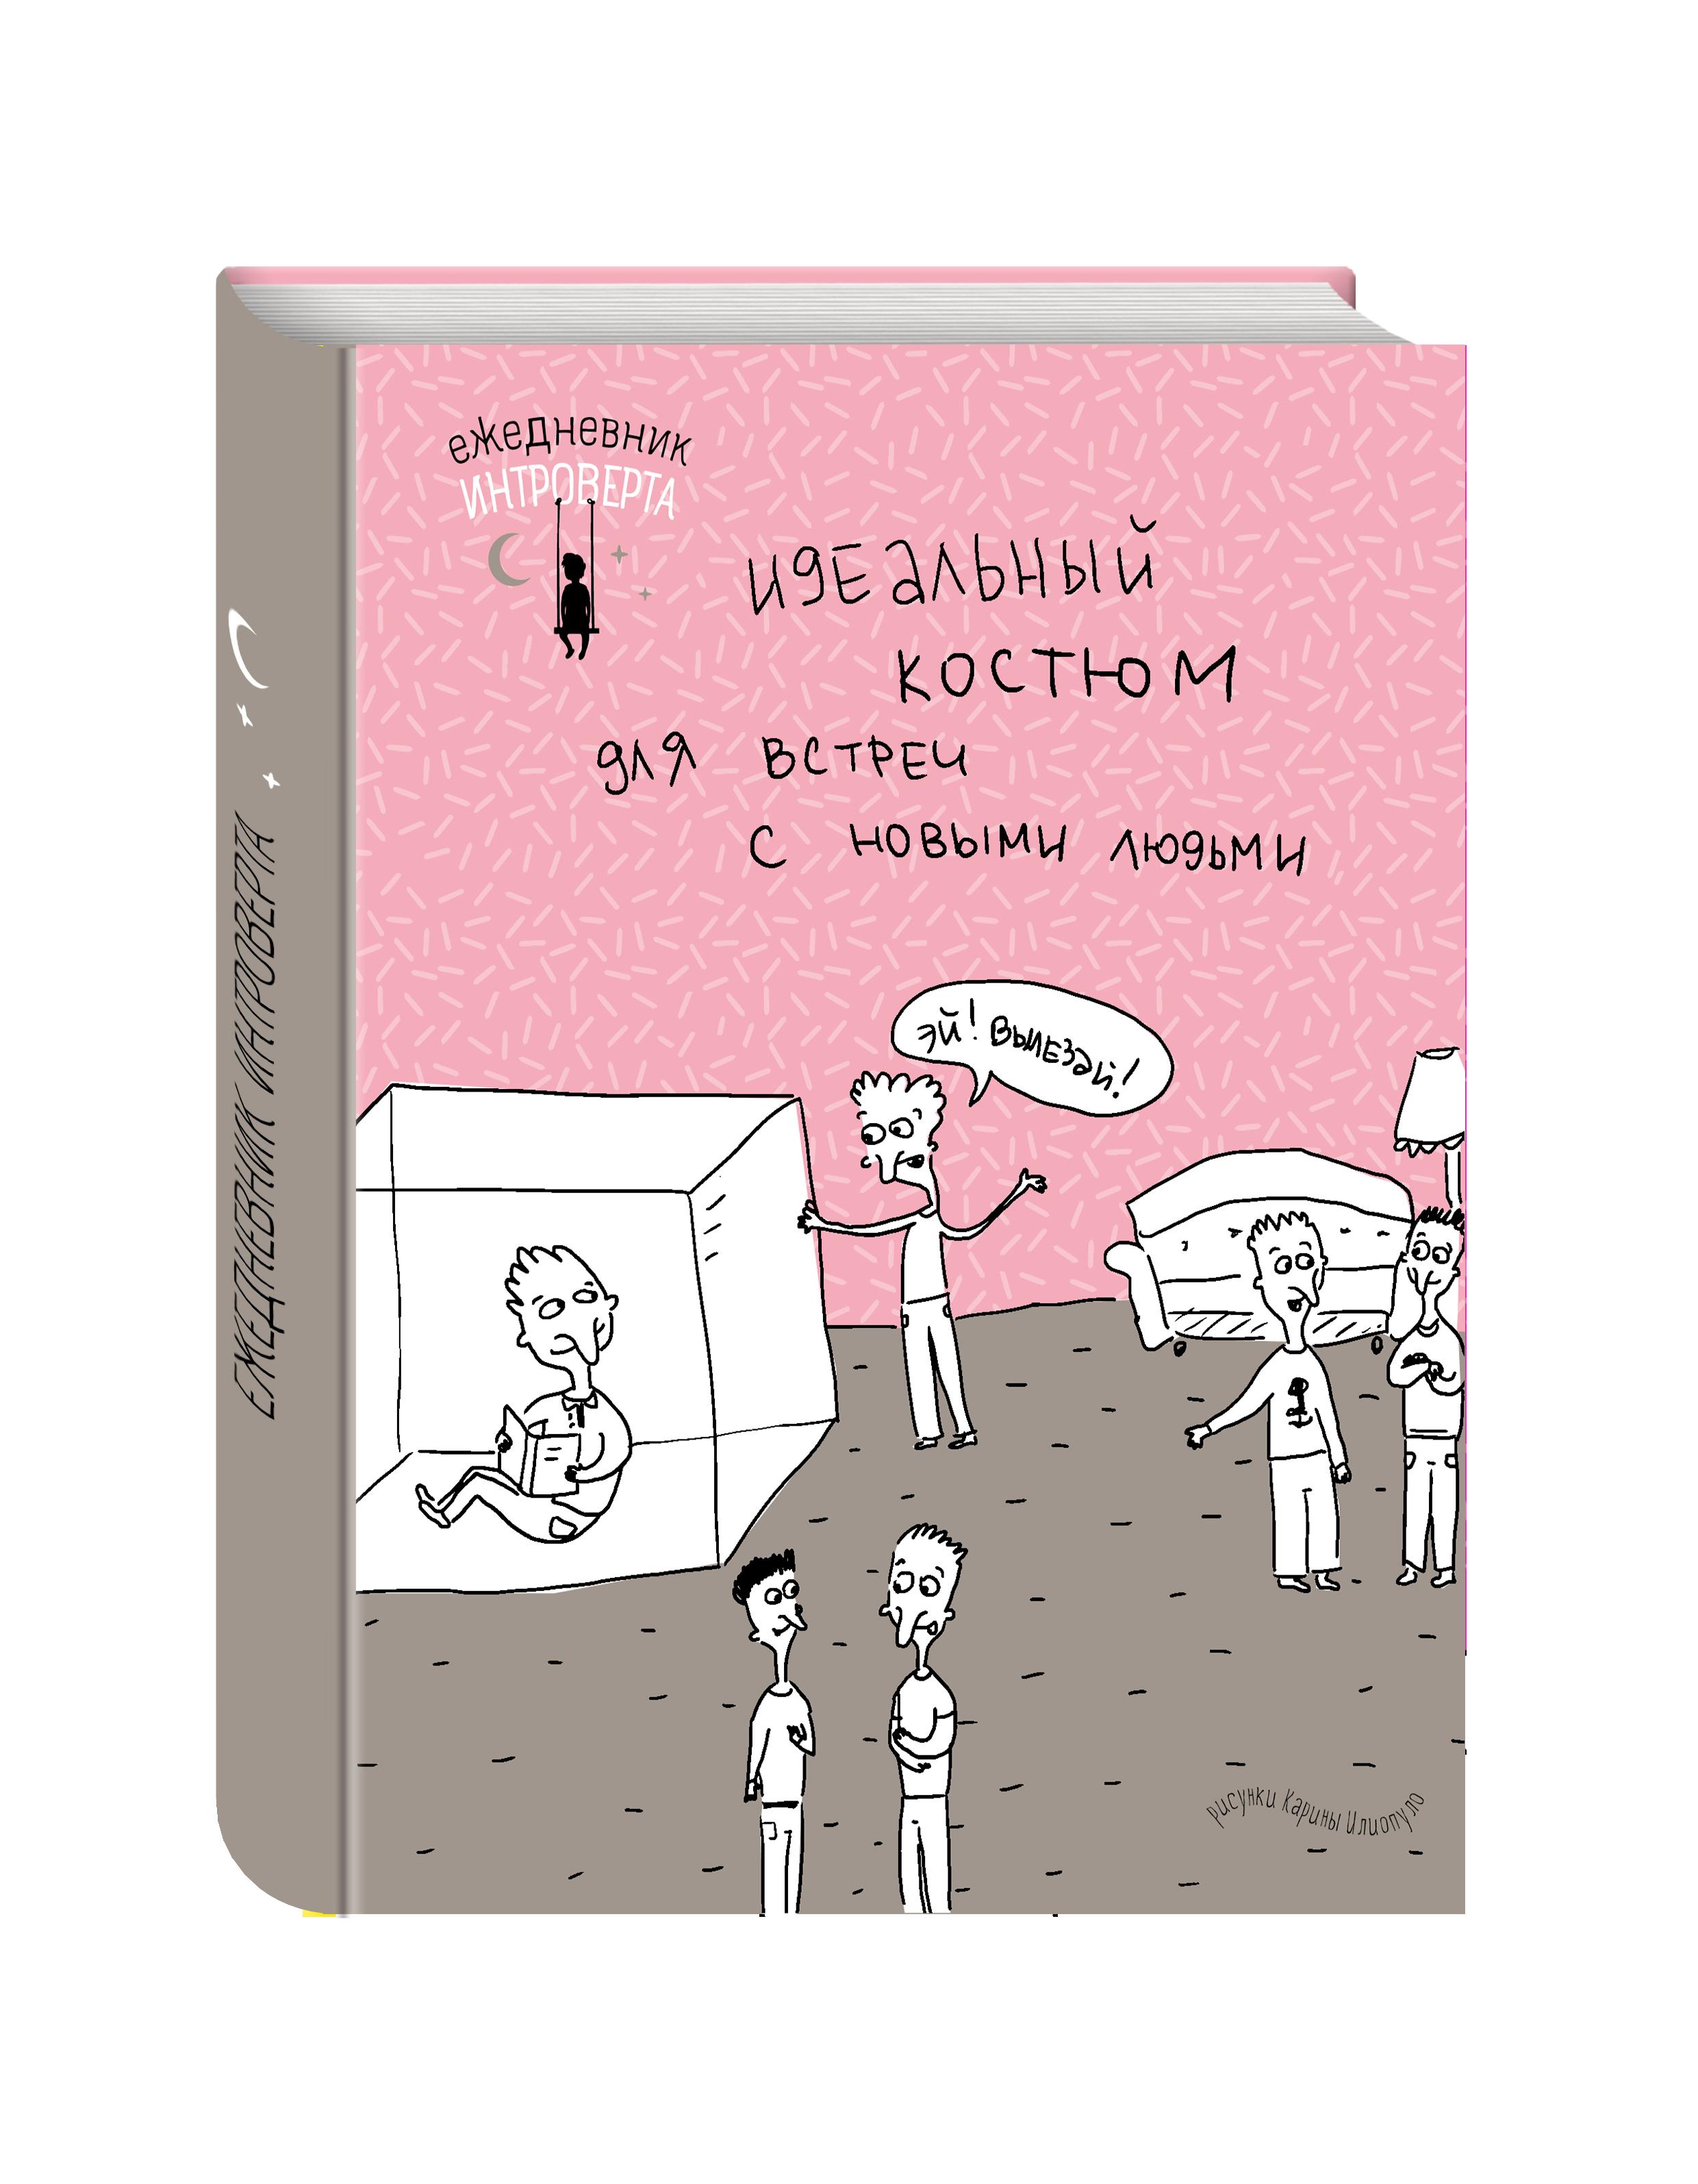 где купить Ежедневник интроверта. Эй! Вылезай! ISBN: 978-5-699-94345-6 дешево